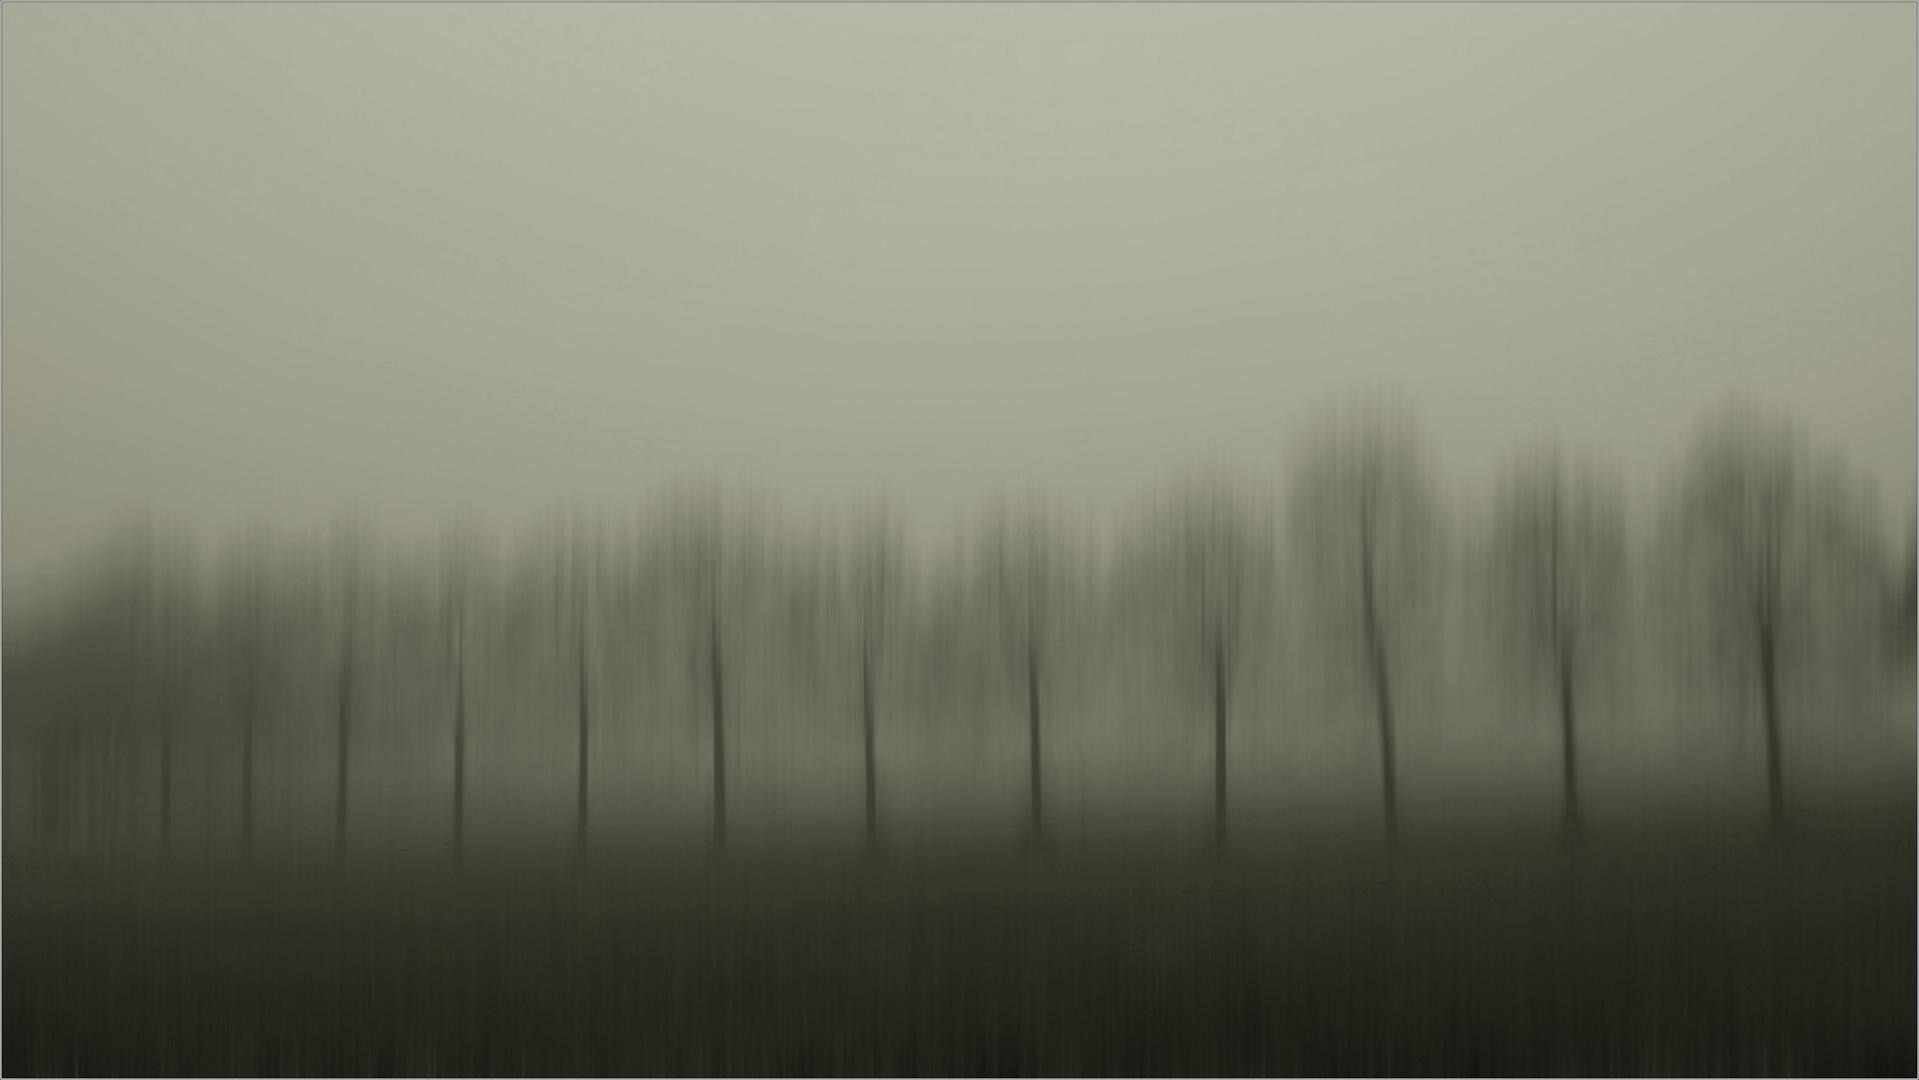 Uno sguardo nel nulla